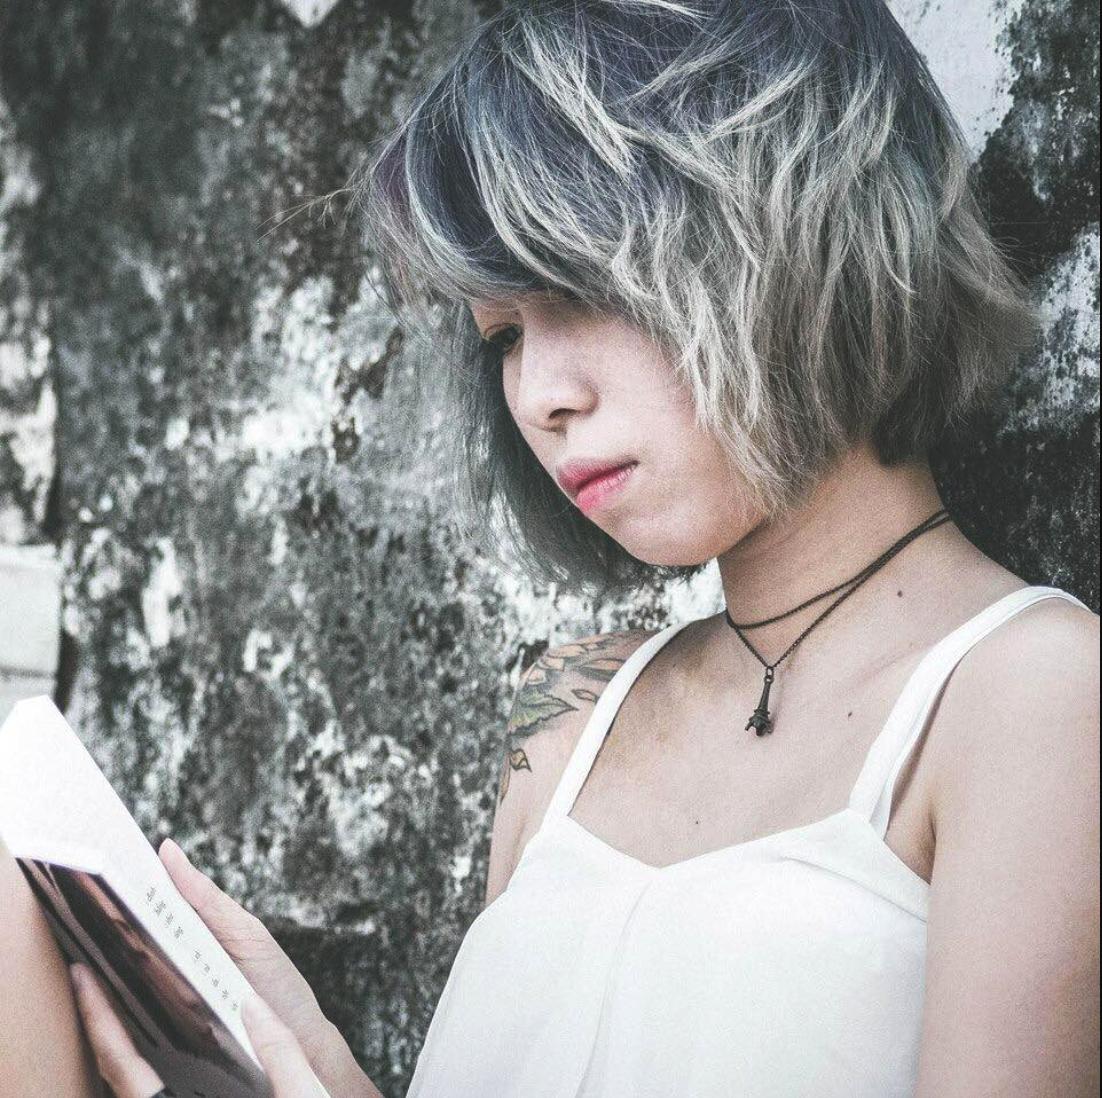 Chị Nguyễn Thuý Bắc - Giảng viên lớp Tư duy hình ảnh và Vẽ tay